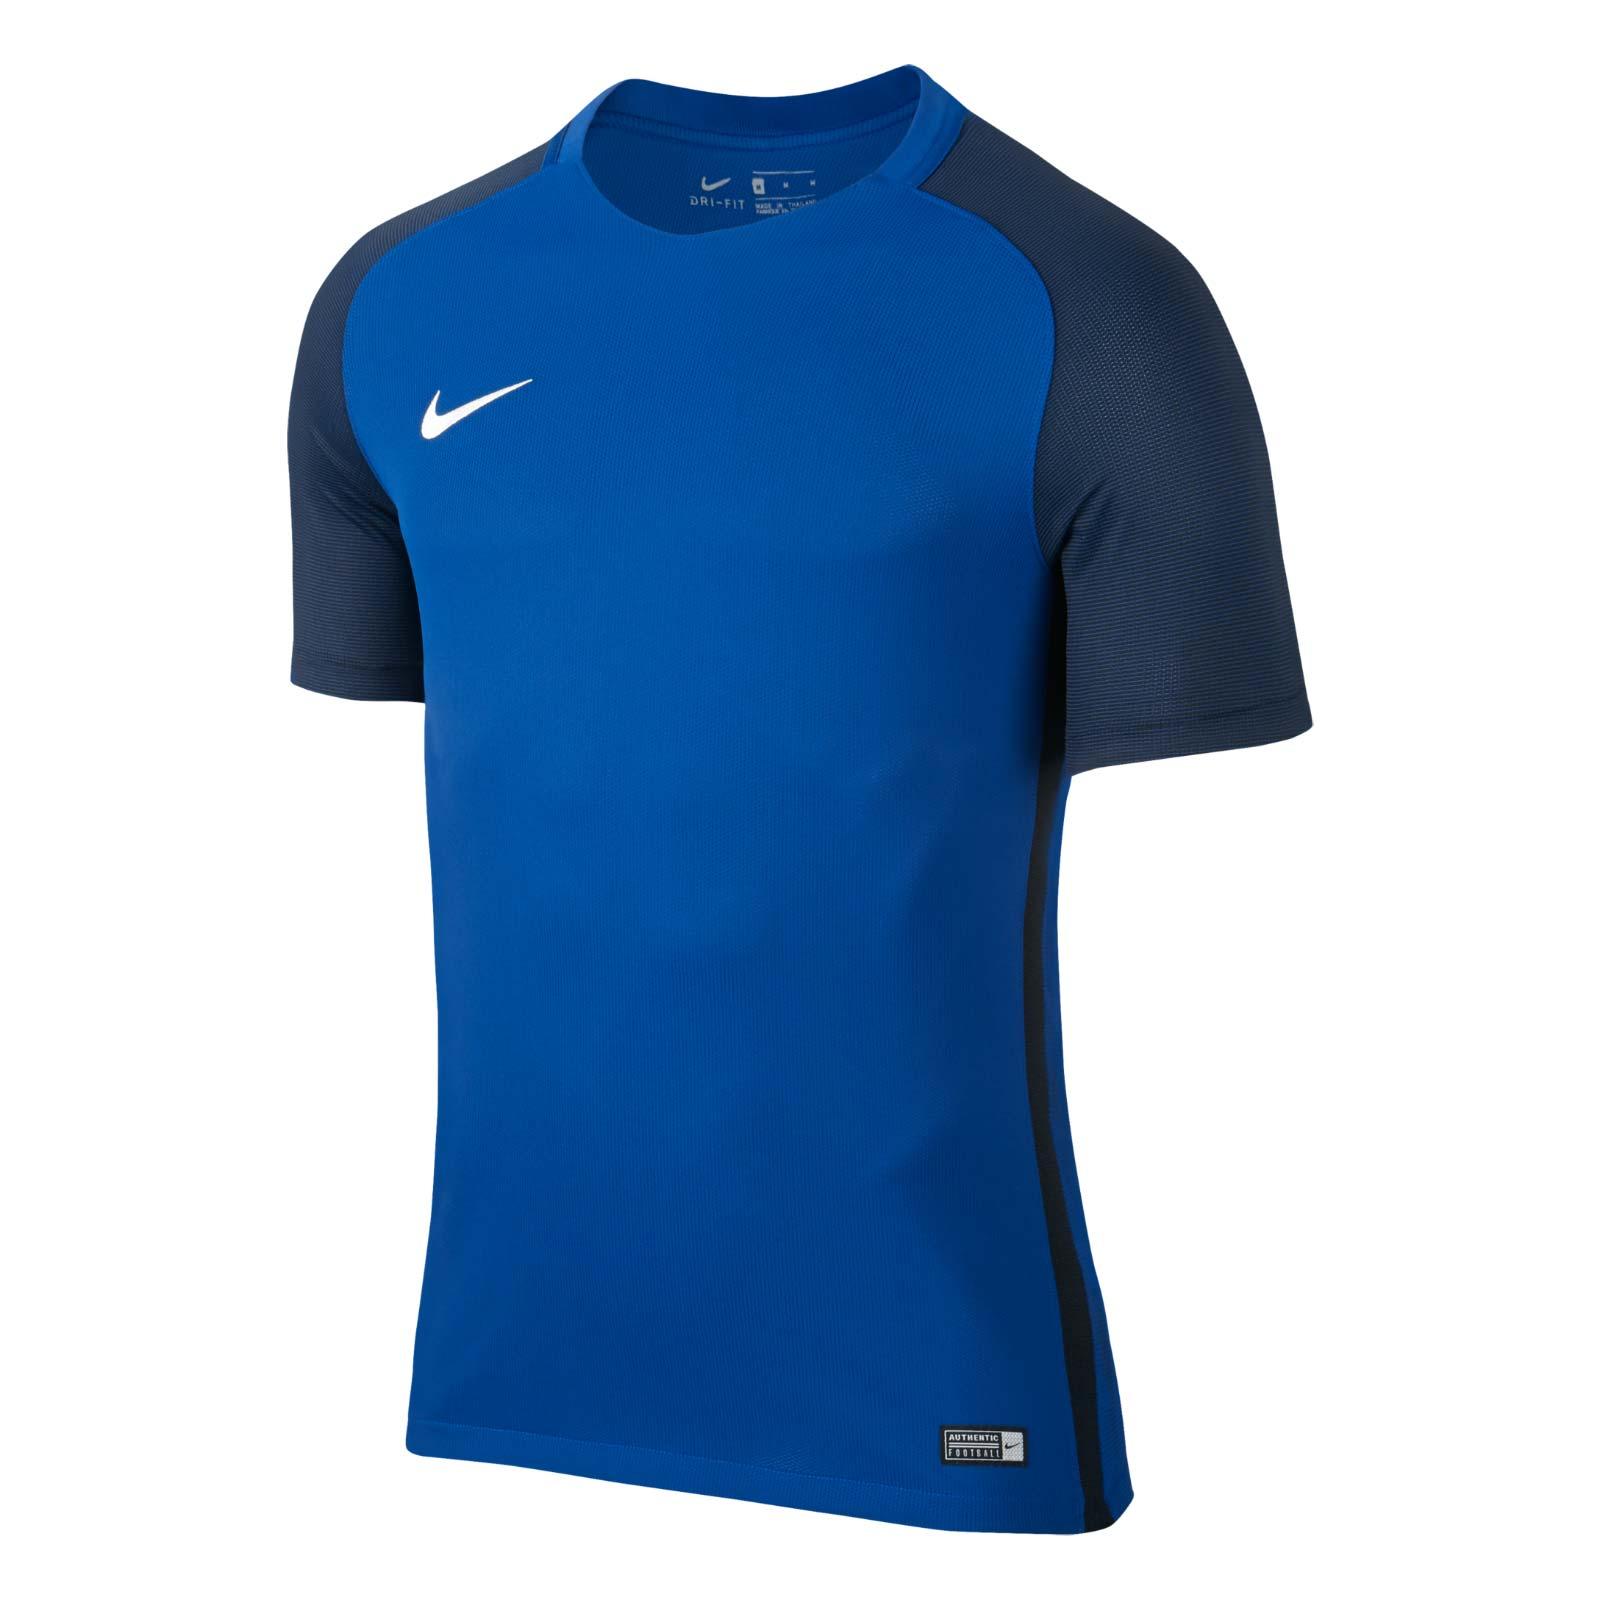 maillot-football-nike-revolution-iv-jersey-teamwear-bleu